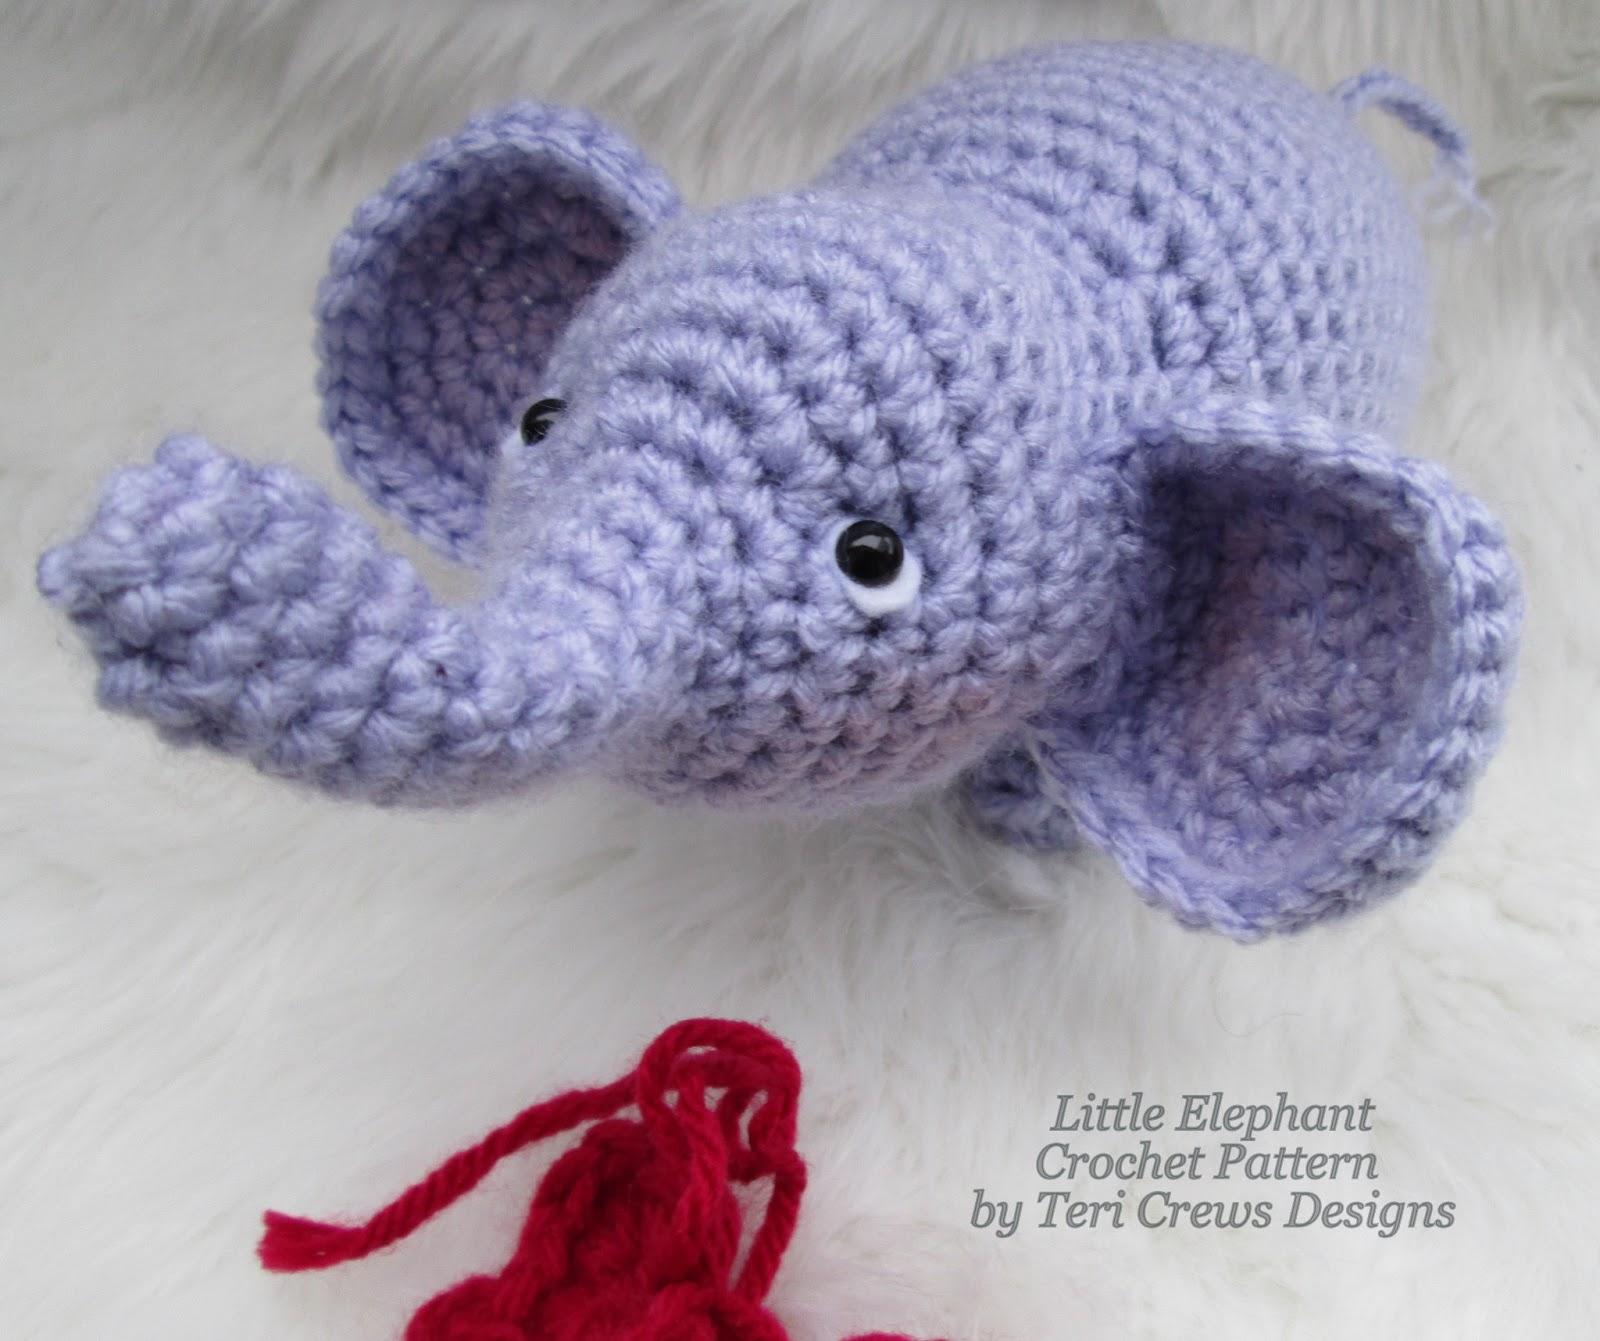 Teris Blog: Free Little Elephant Crochet Pattern